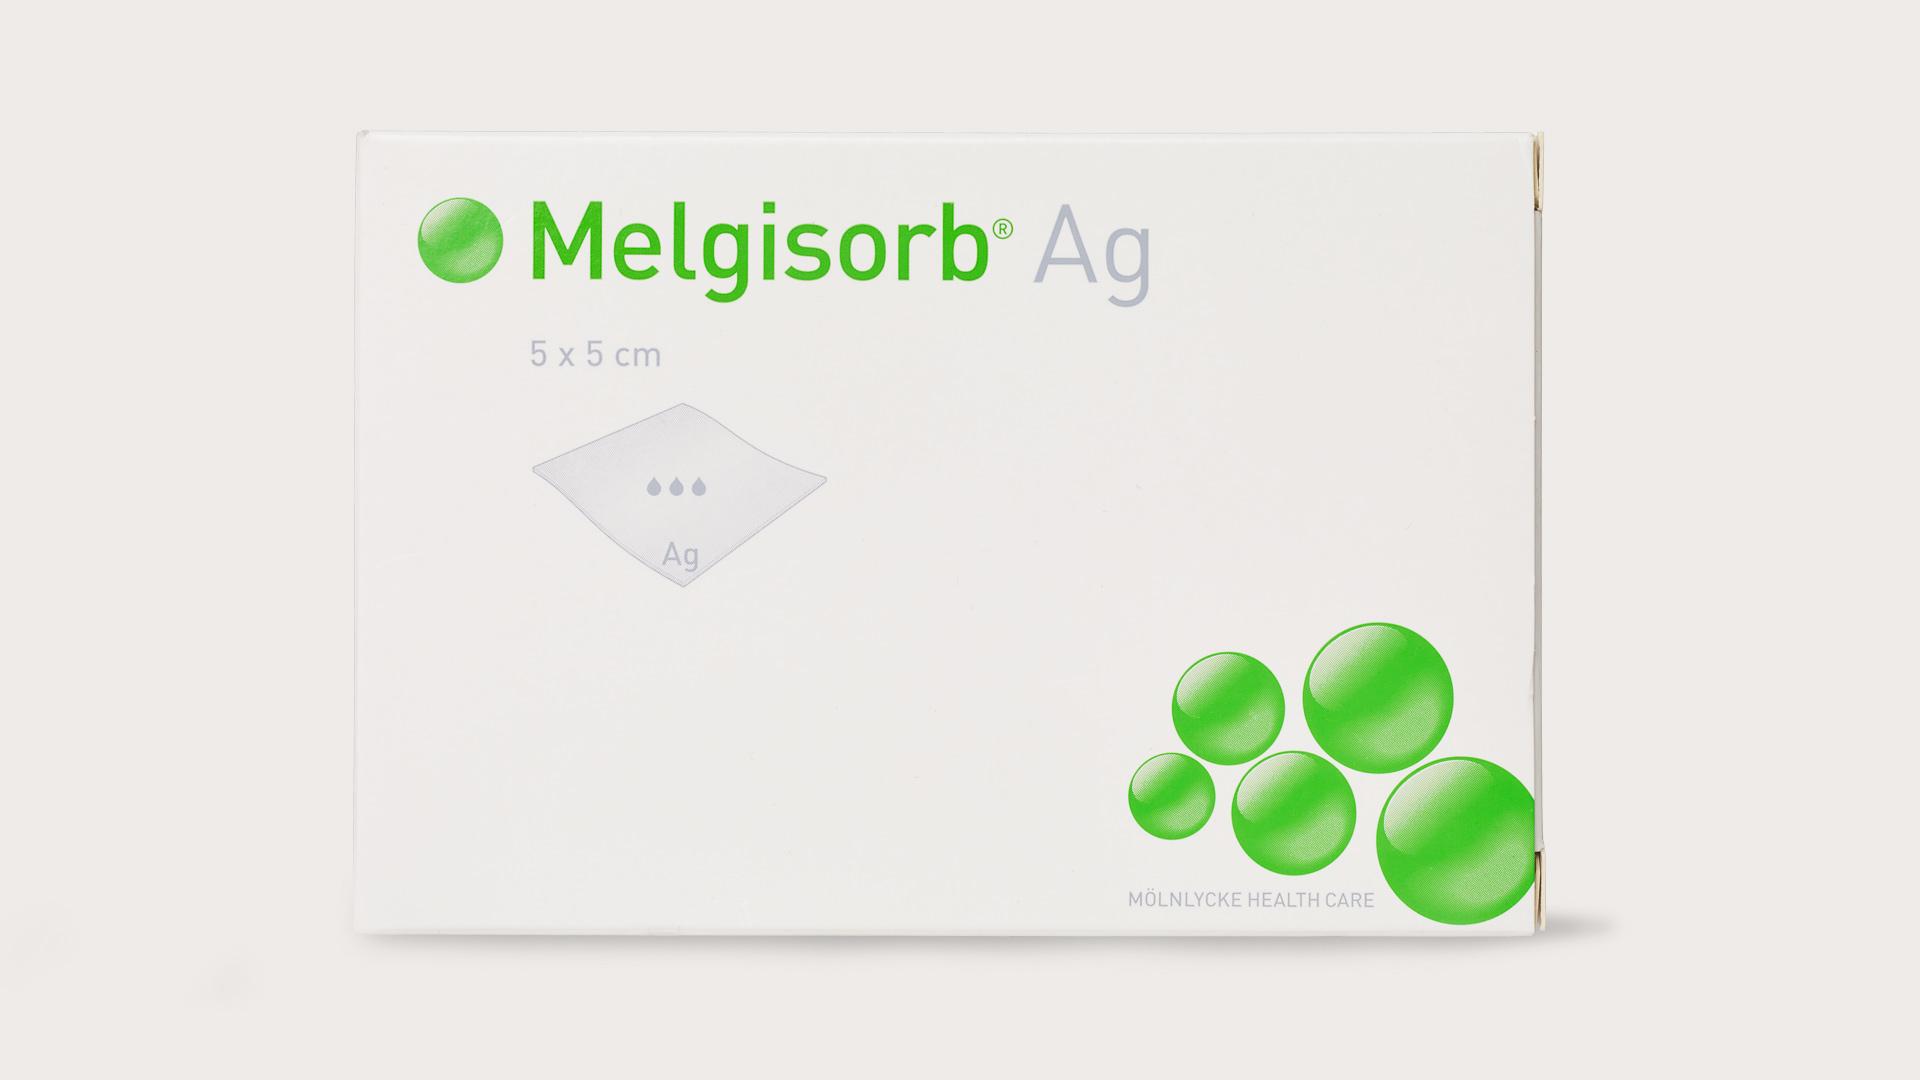 Упаковка Melgisorb Ag